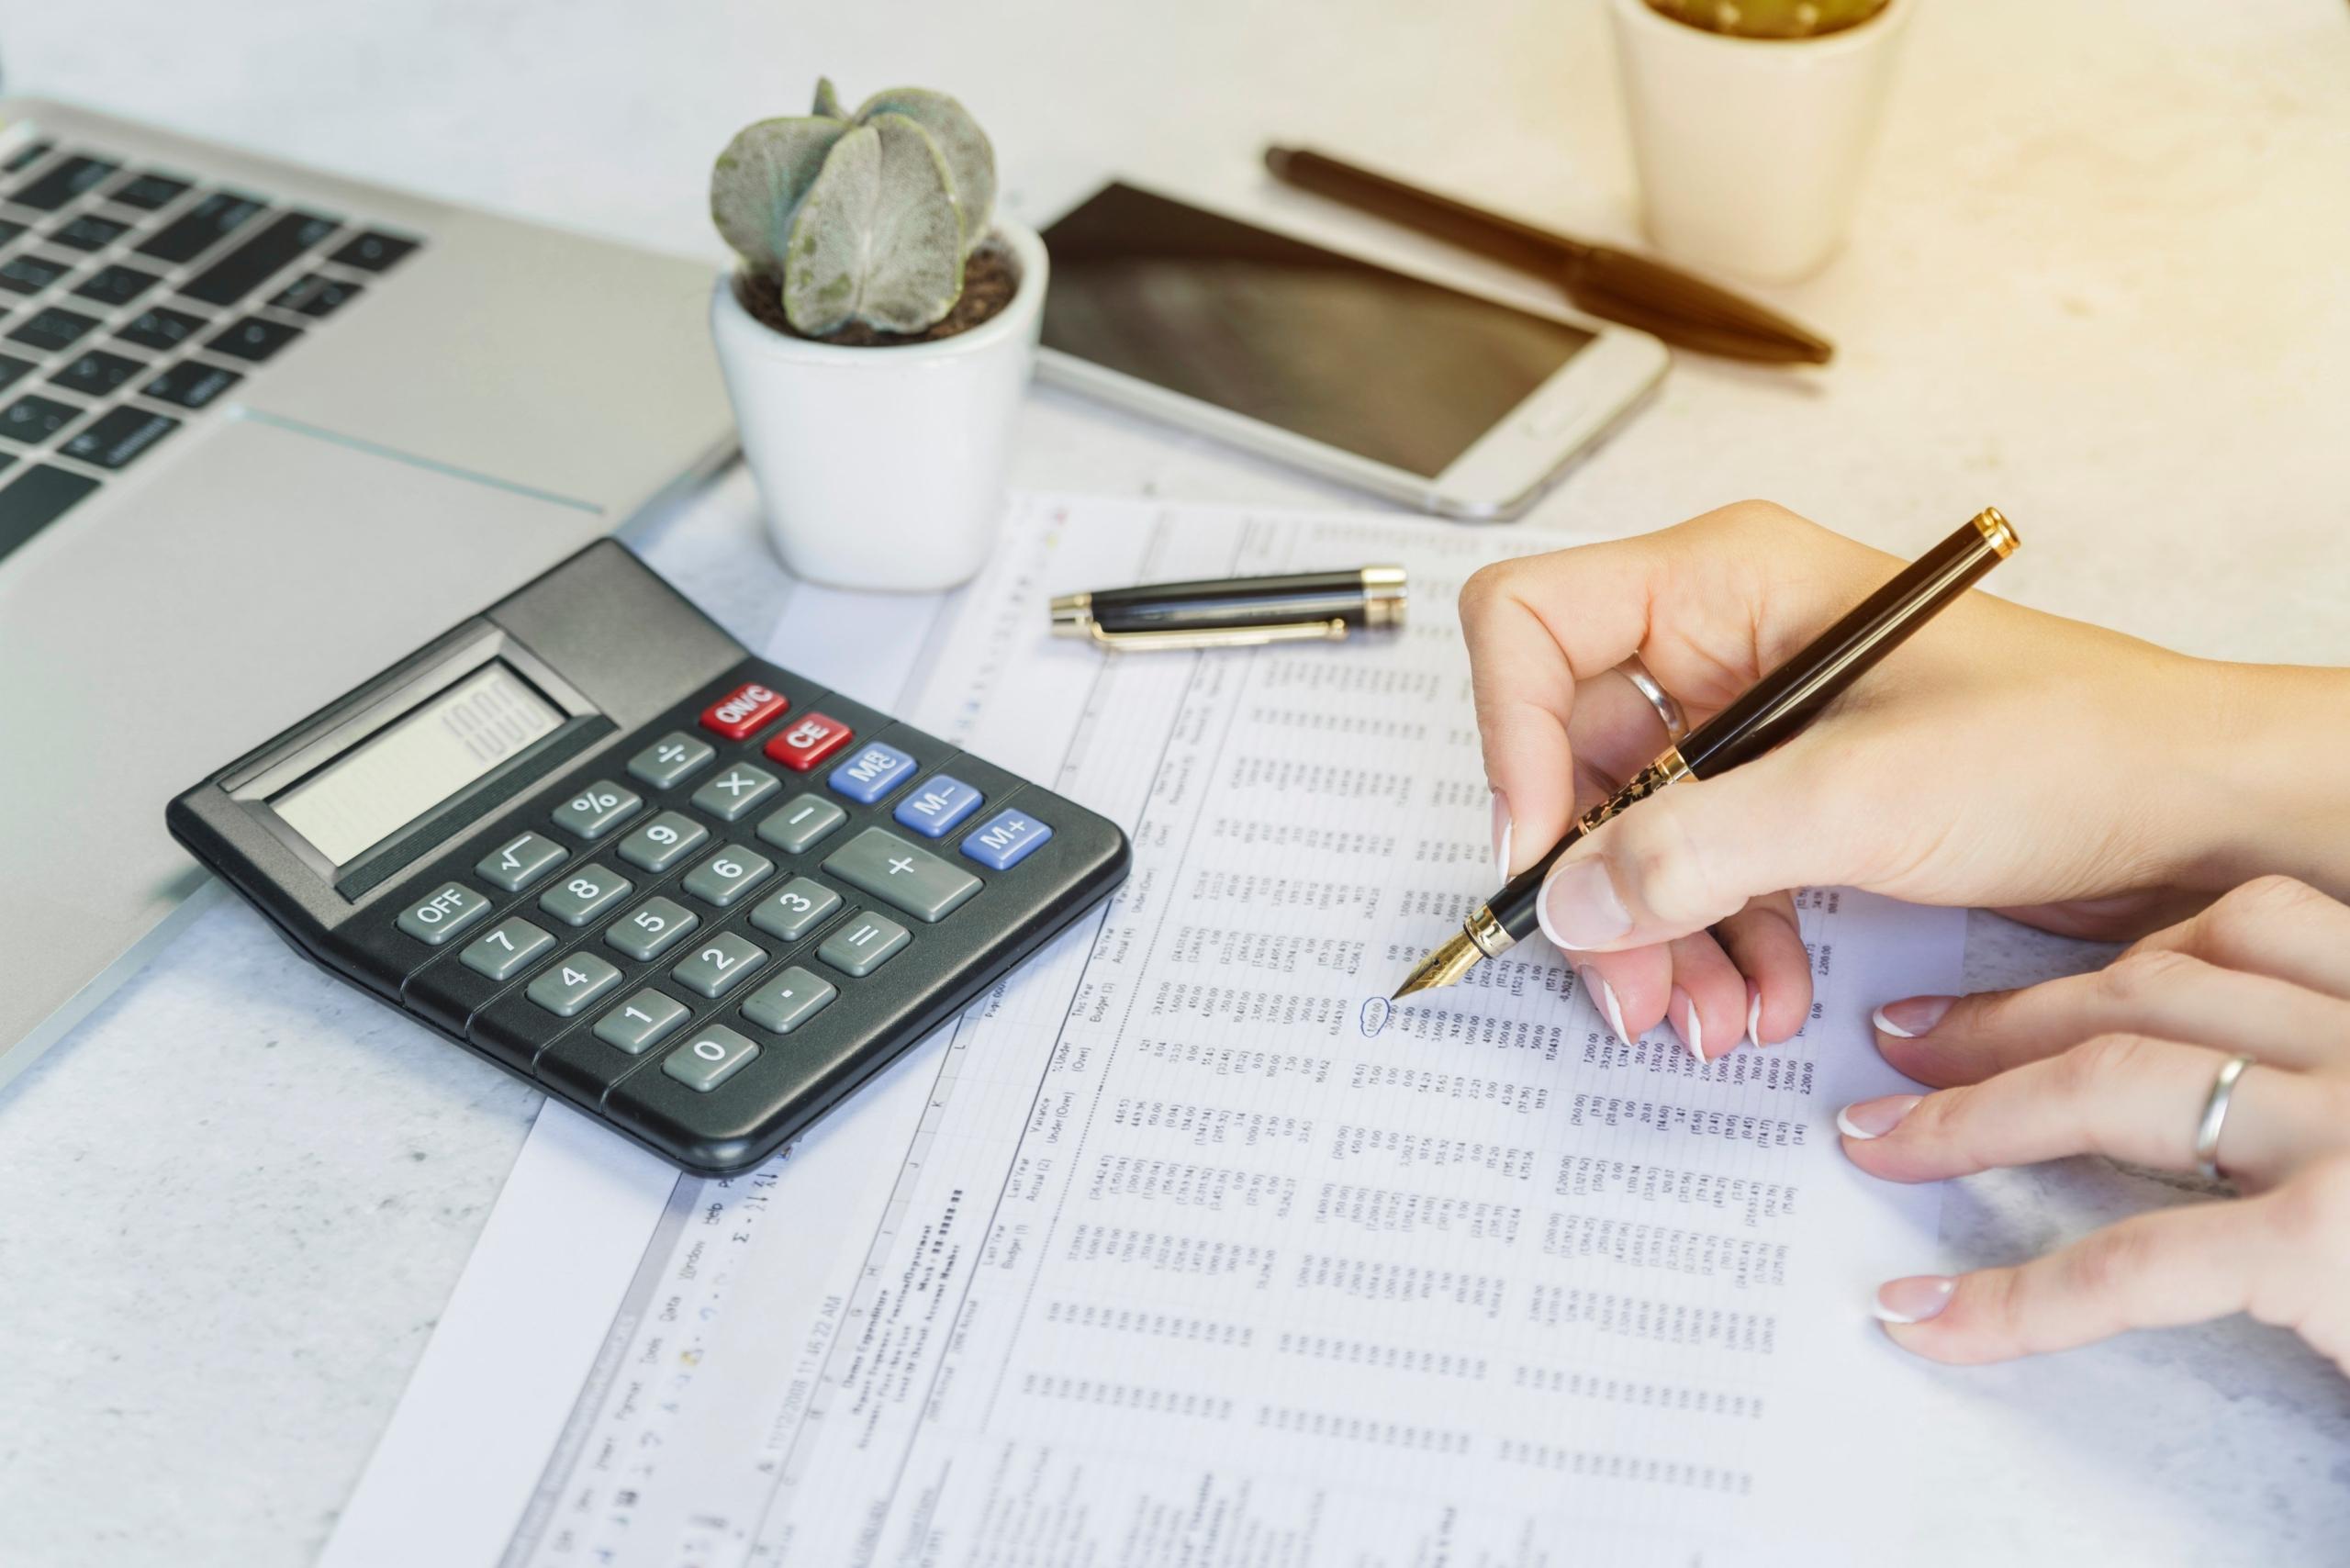 Mesures économiques Covid-19 : l'Etat prend des mesures pour les entreprises